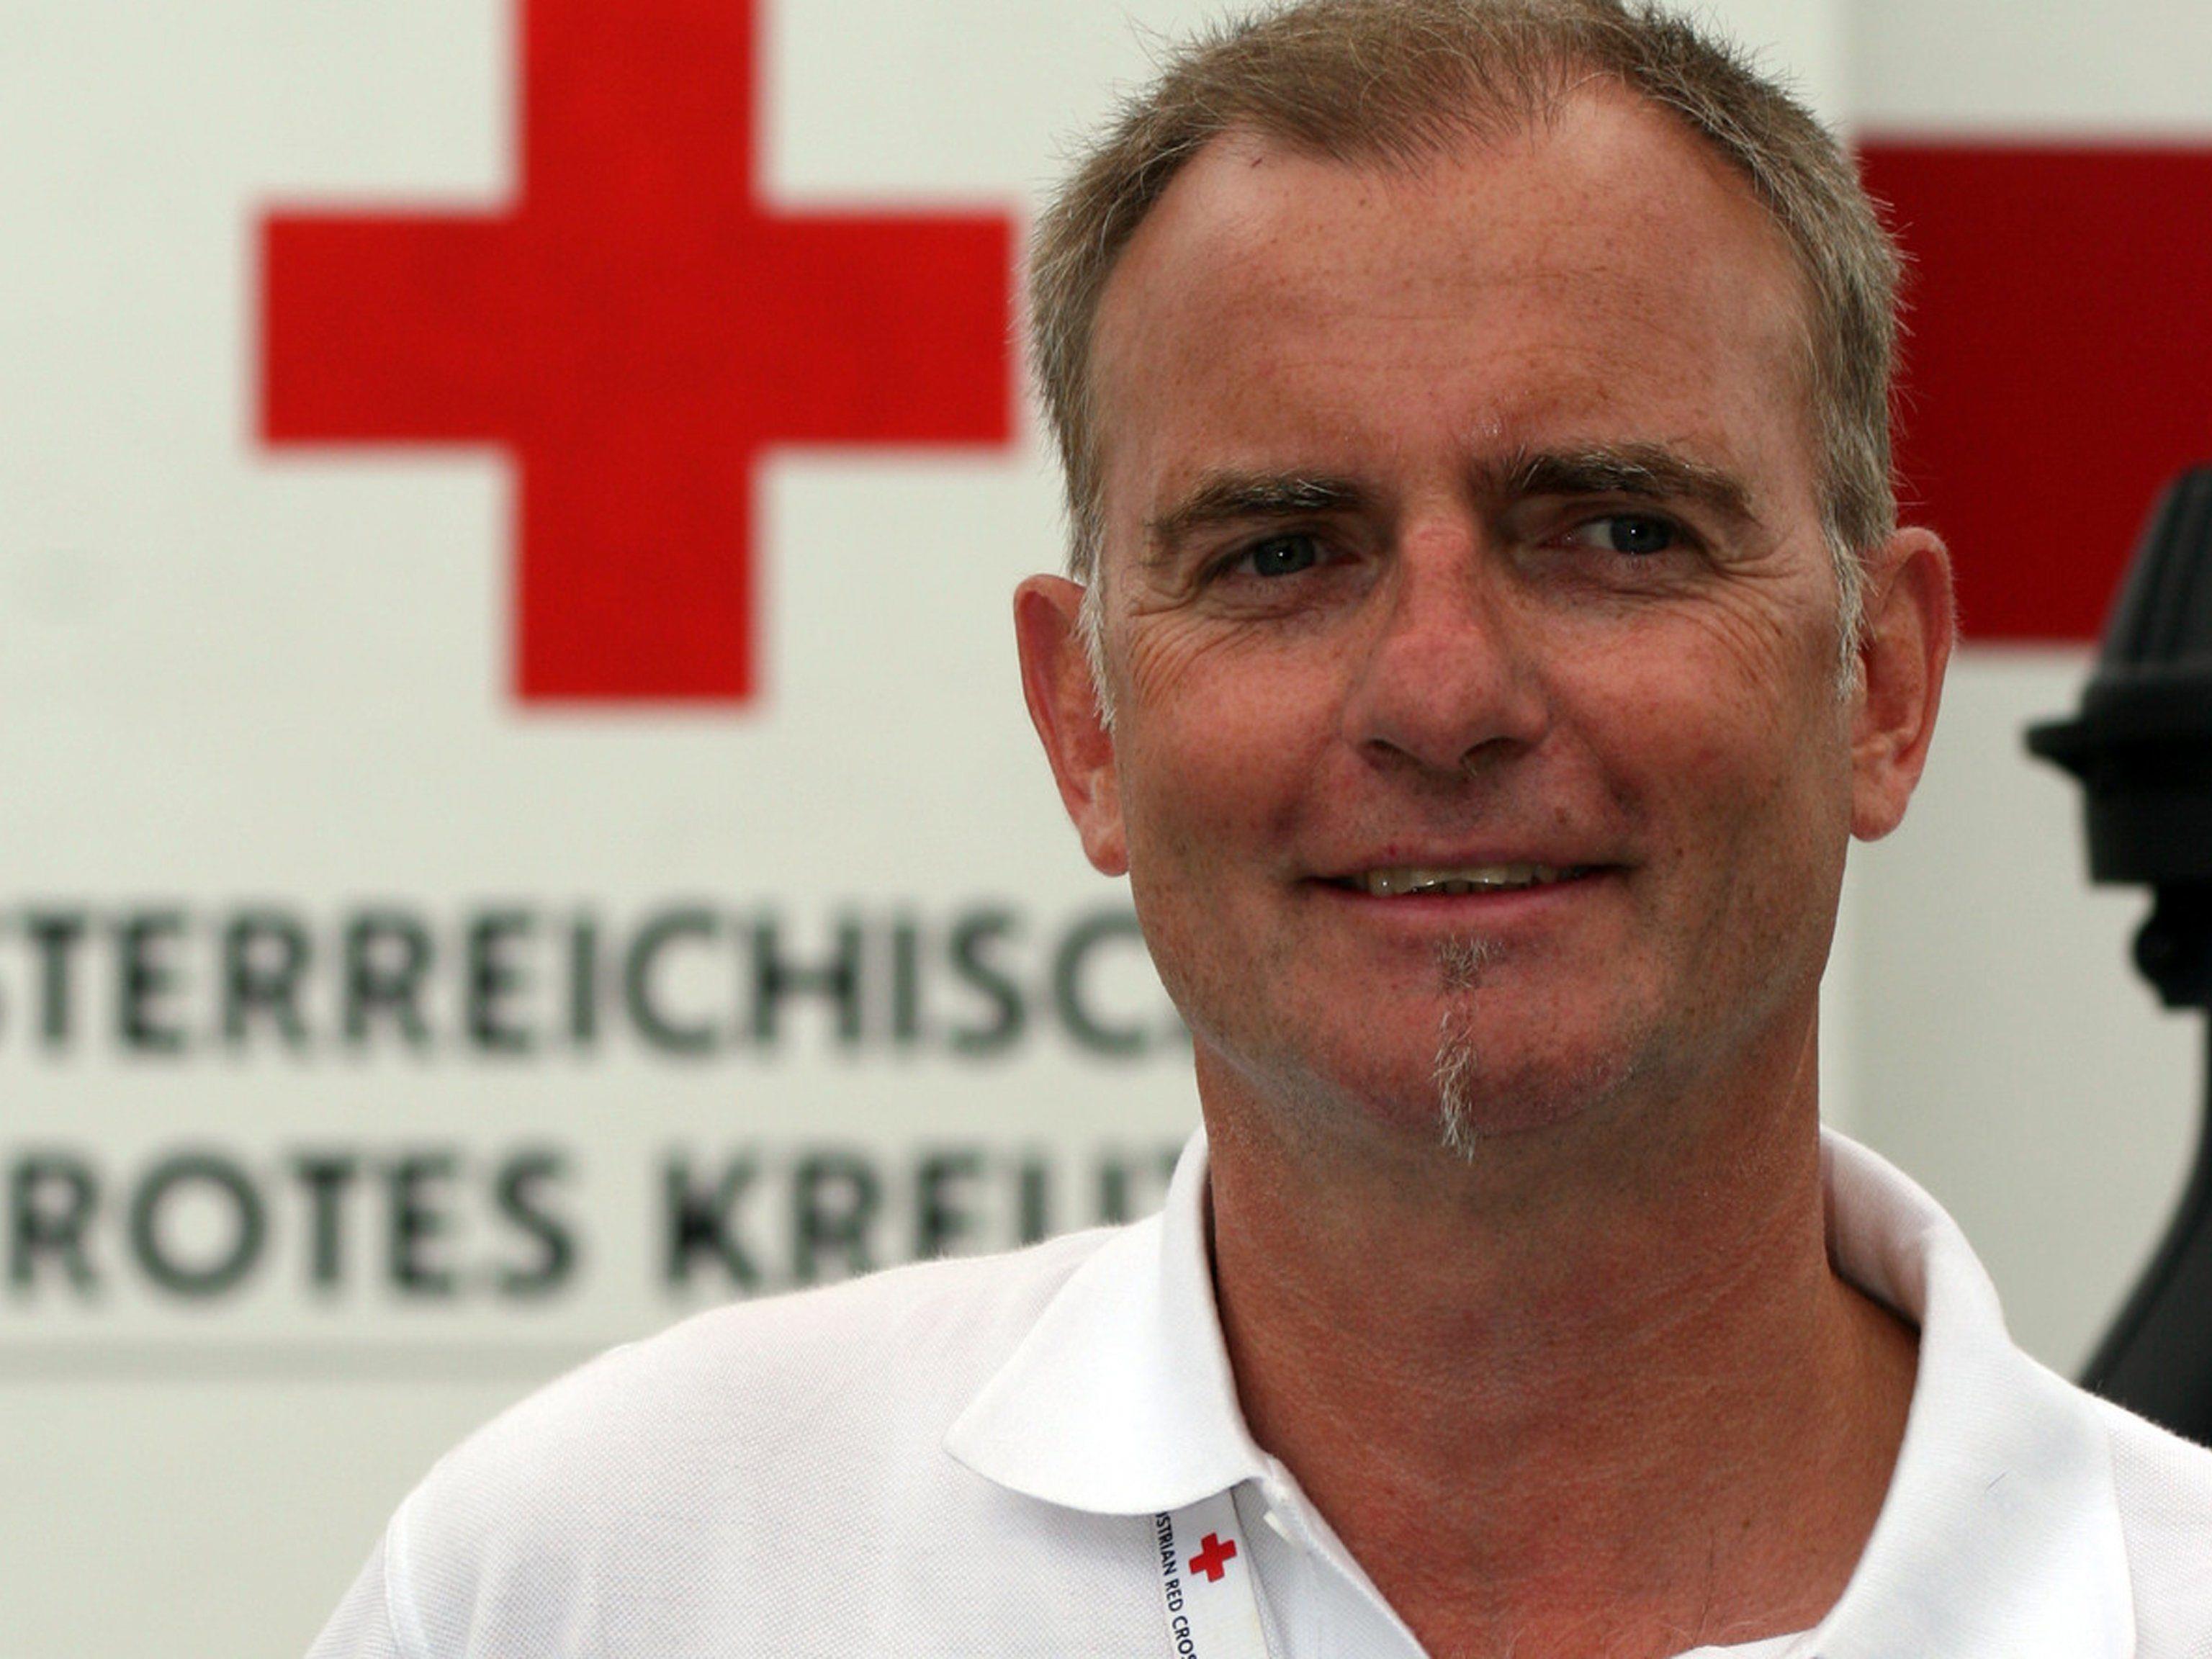 Für vier Wochen reist Werner Meisinger nach Nepal, um die Infrastruktur in den Bereichen Wasser- und Sanitätsversorgung zu koordinieren.